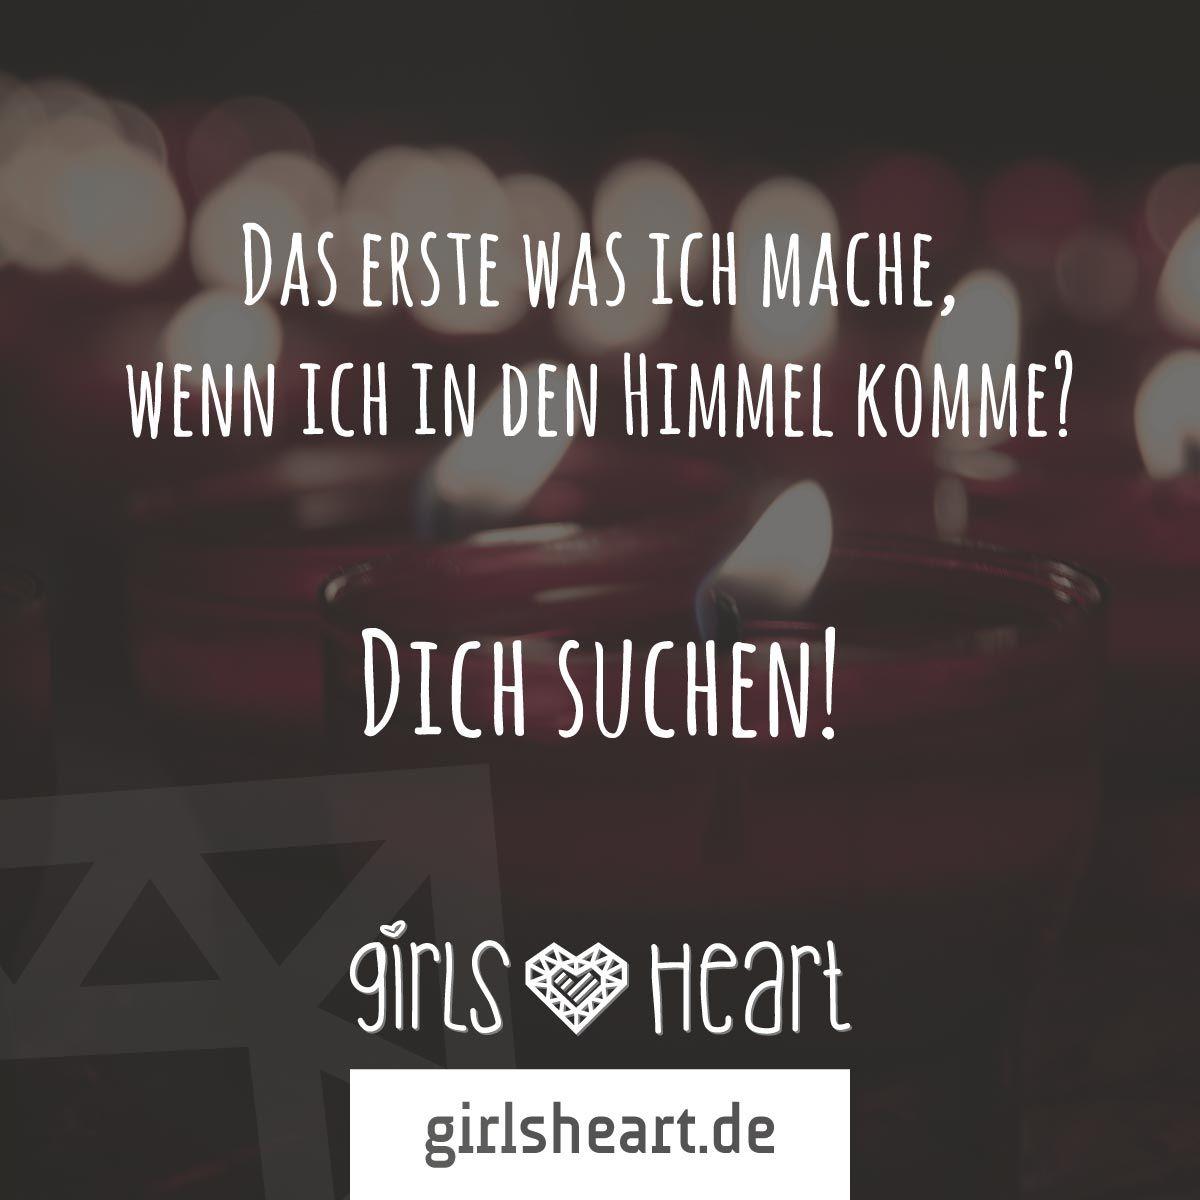 Mehr Sprüche Auf: Www.girlsheart.de #trauer #himmel #verlust #